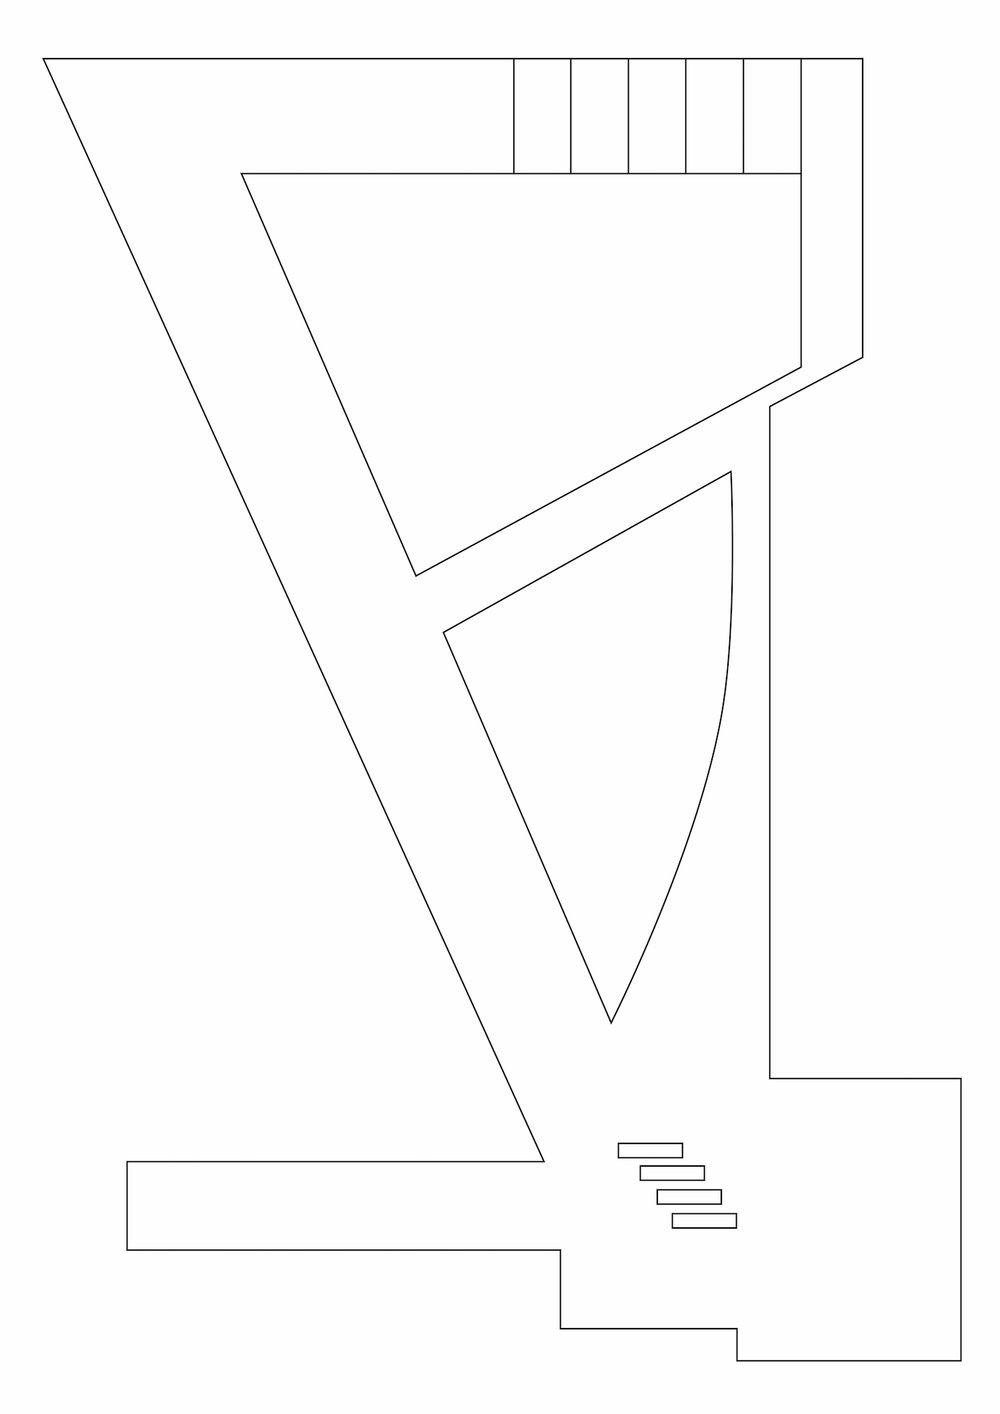 49_Zeichenfläche 1.jpg